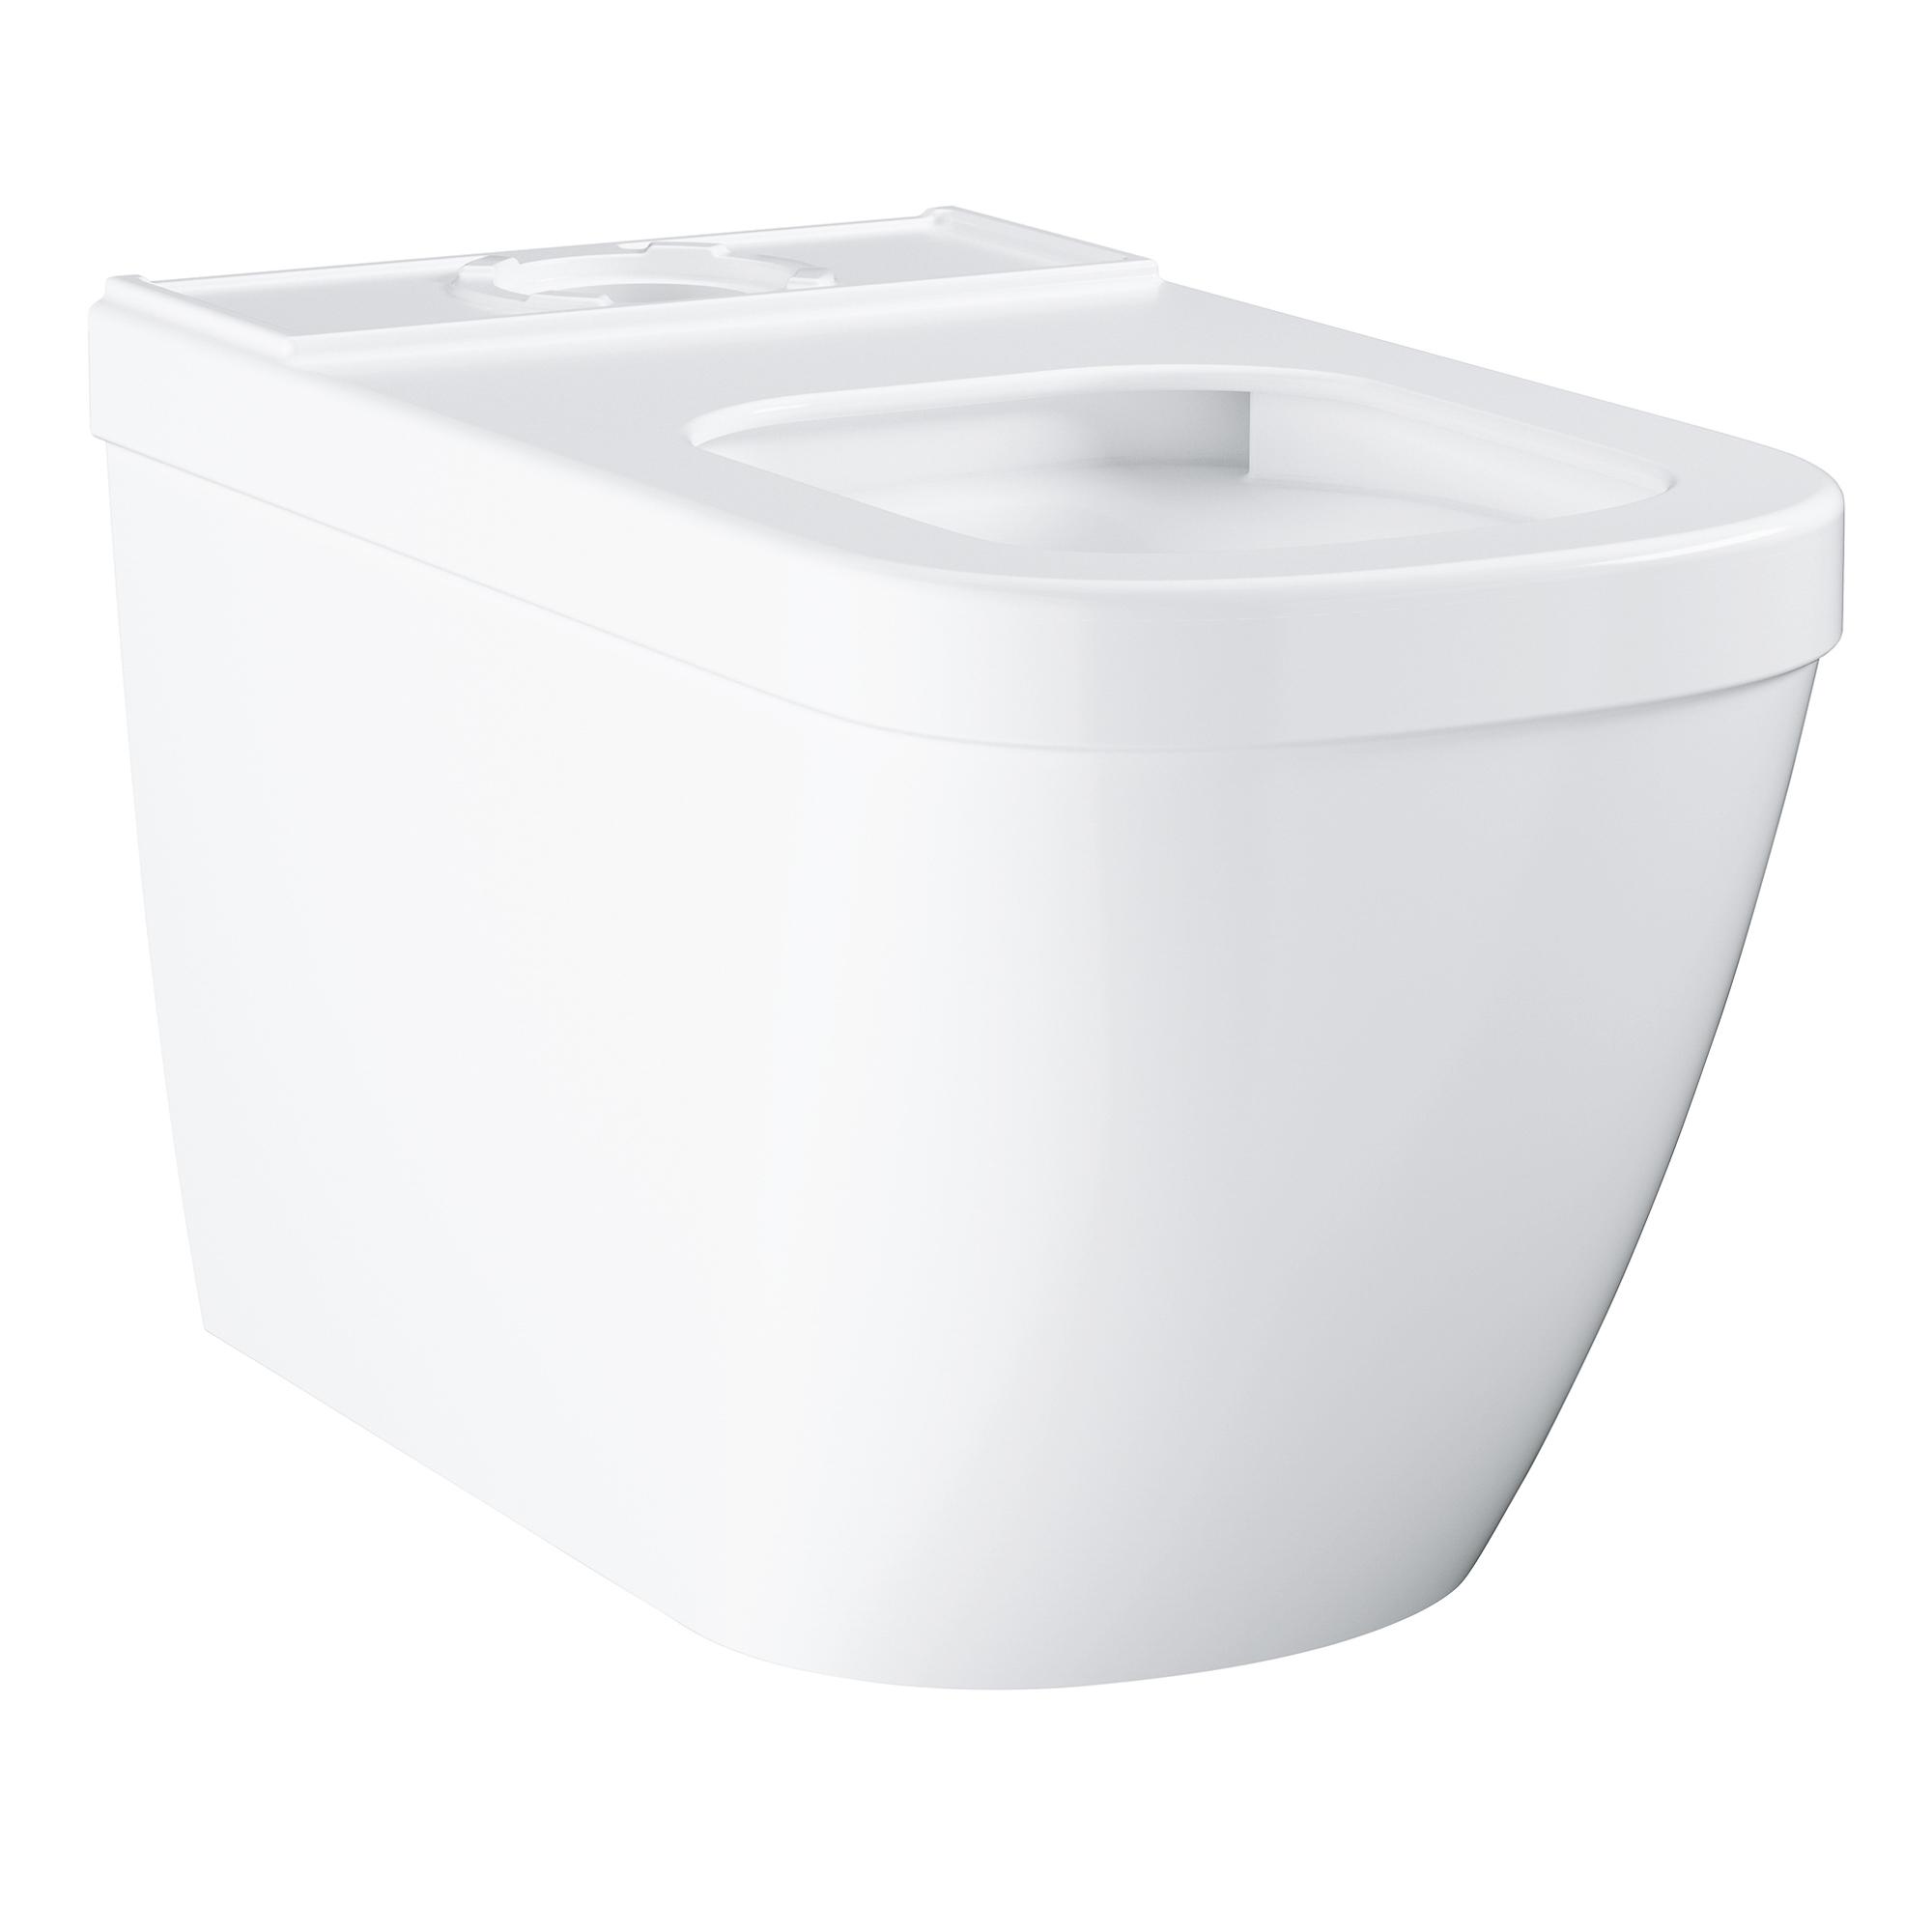 Фото - Напольный безободковый унитаз GROHE Euro Ceramic (без бачка и сиденья), альпин-белый (39338000) подвесной безободковый компактный унитаз grohe euro ceramic без сиденья альпин белый 39206000